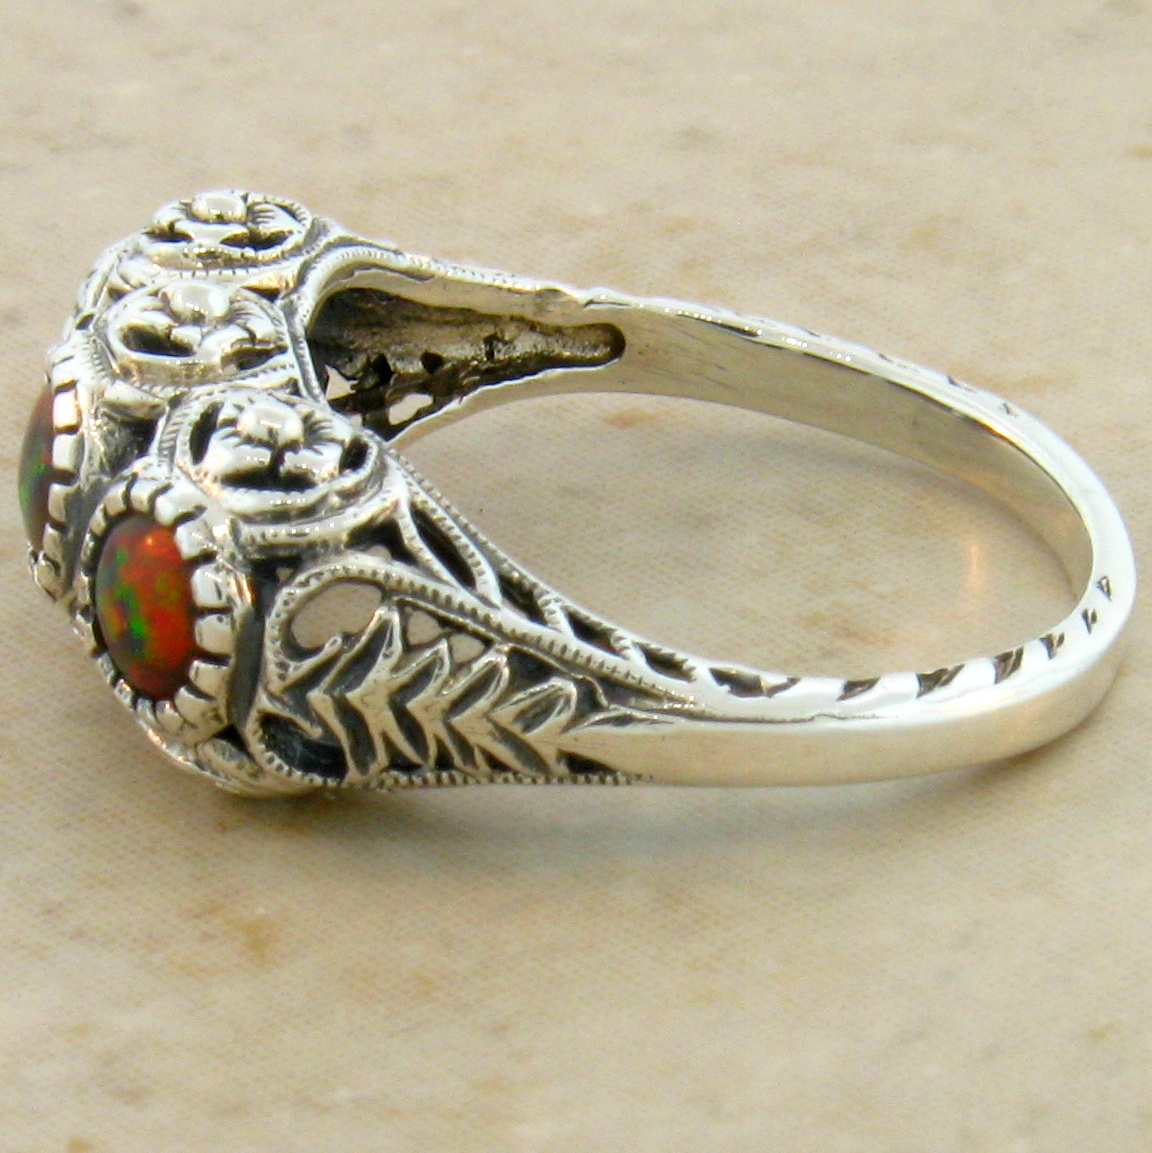 fire opal rings silver